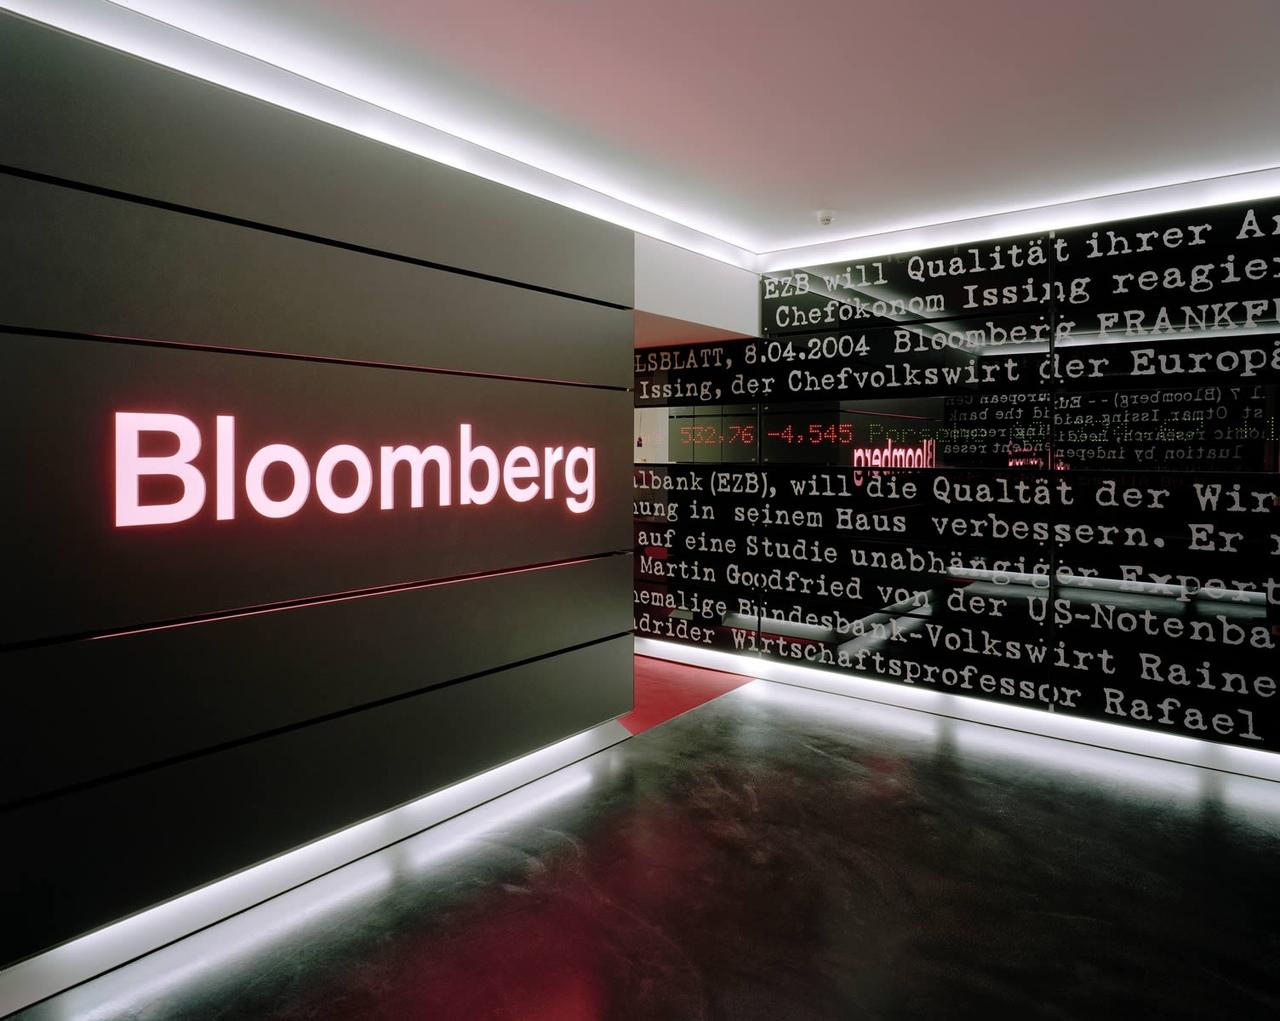 Агентство Bloomberg отреагировало на требование Украины относительно Крыма